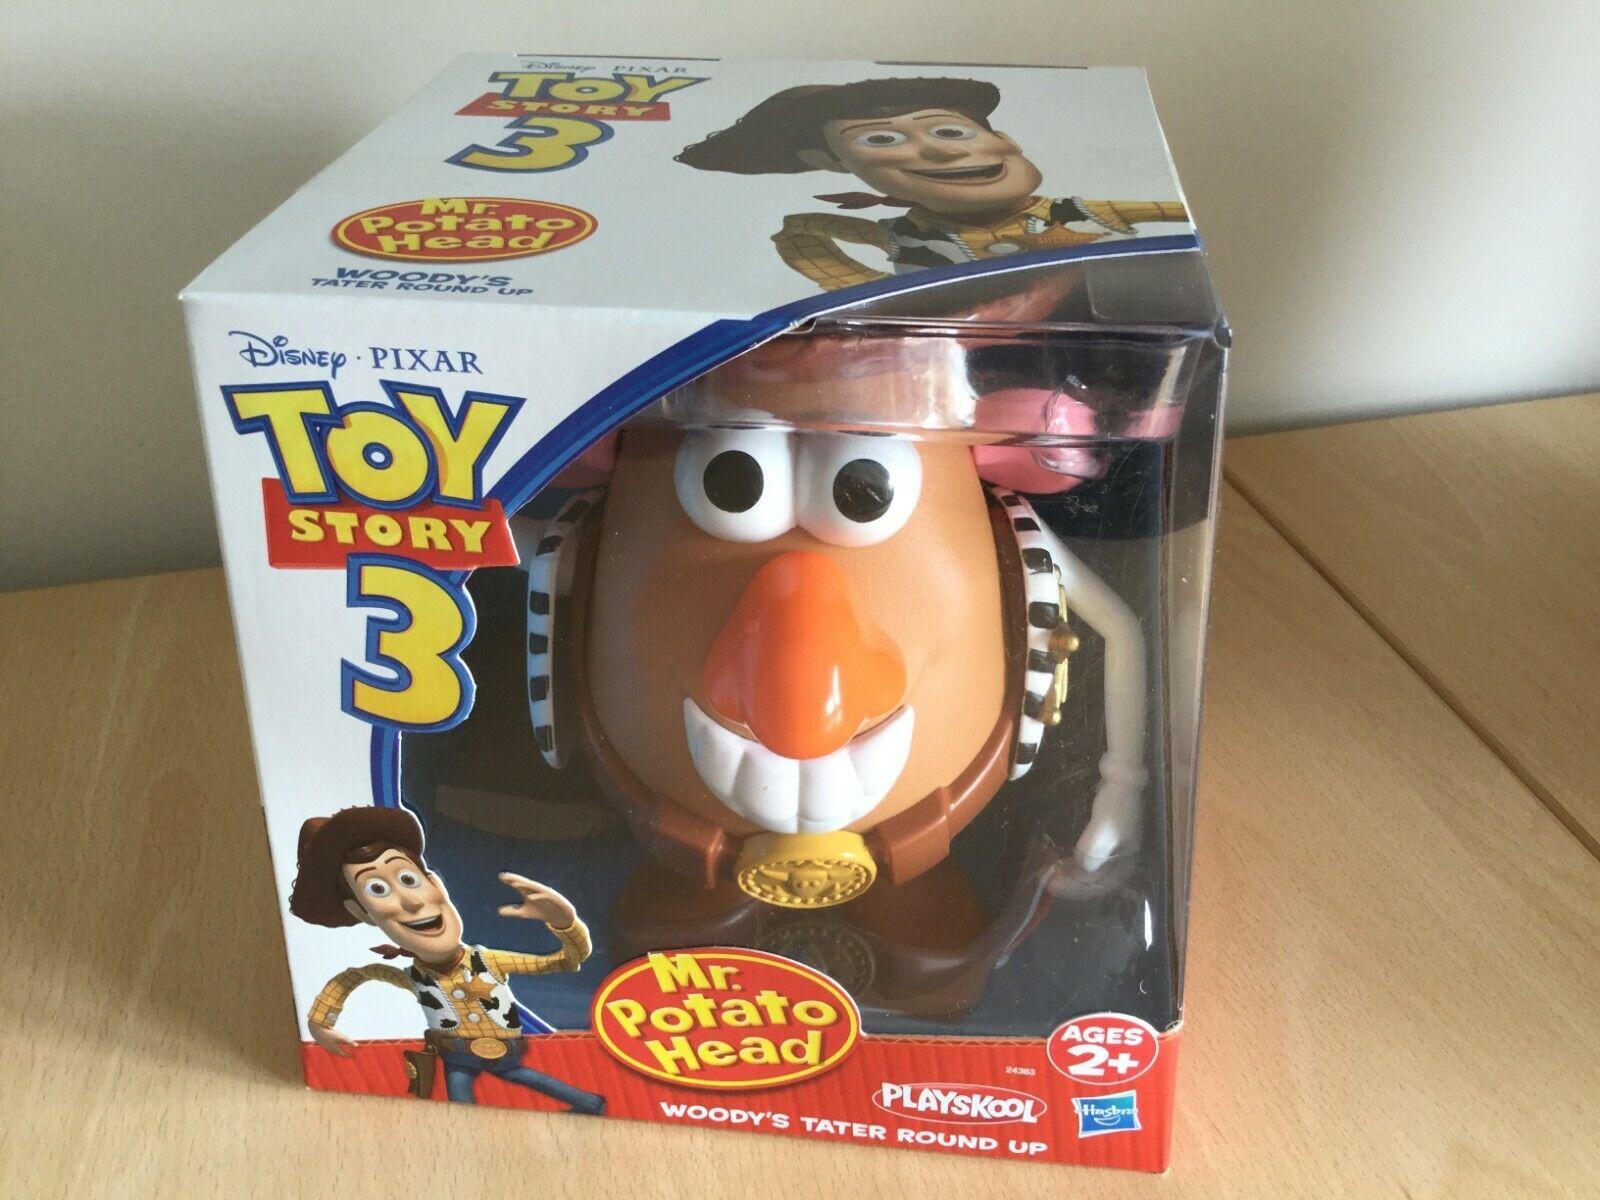 Spielzeug STORY 3 MR POTATO HEAD HolzY'S TATER ROUND UP HASBRO 2010 BNIB RARE